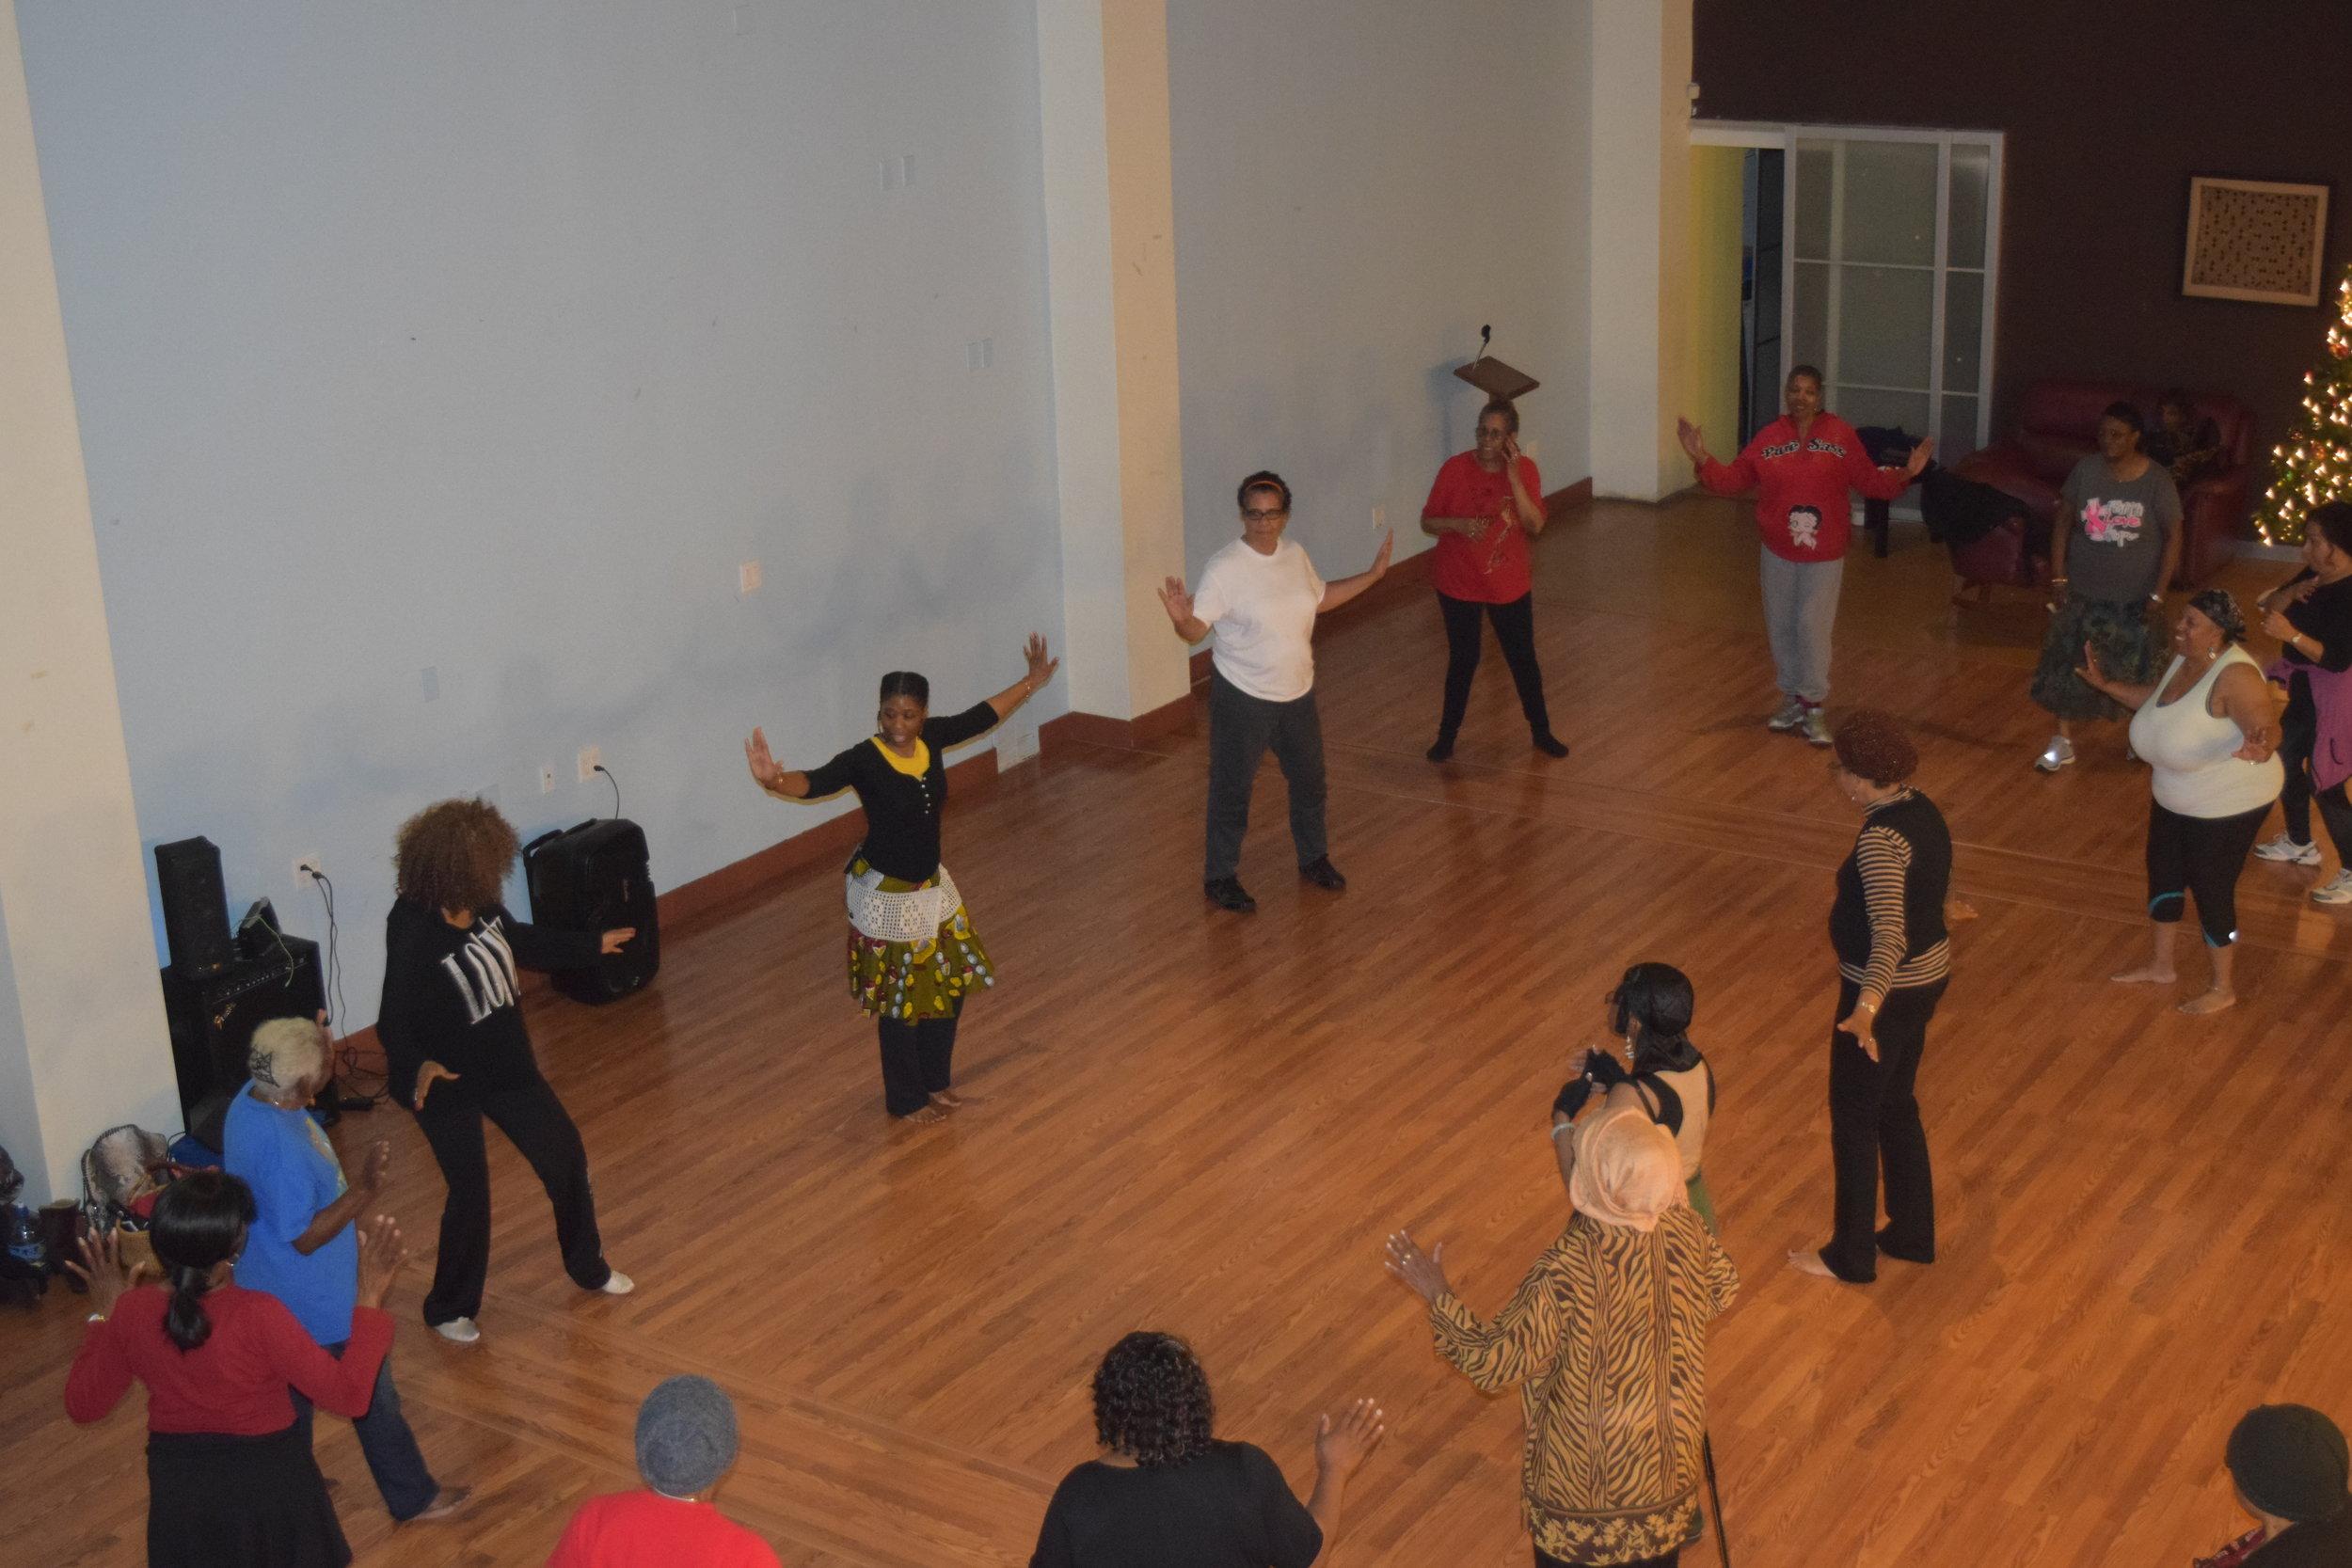 Farcia's Nia Class featuring African Healing Dance